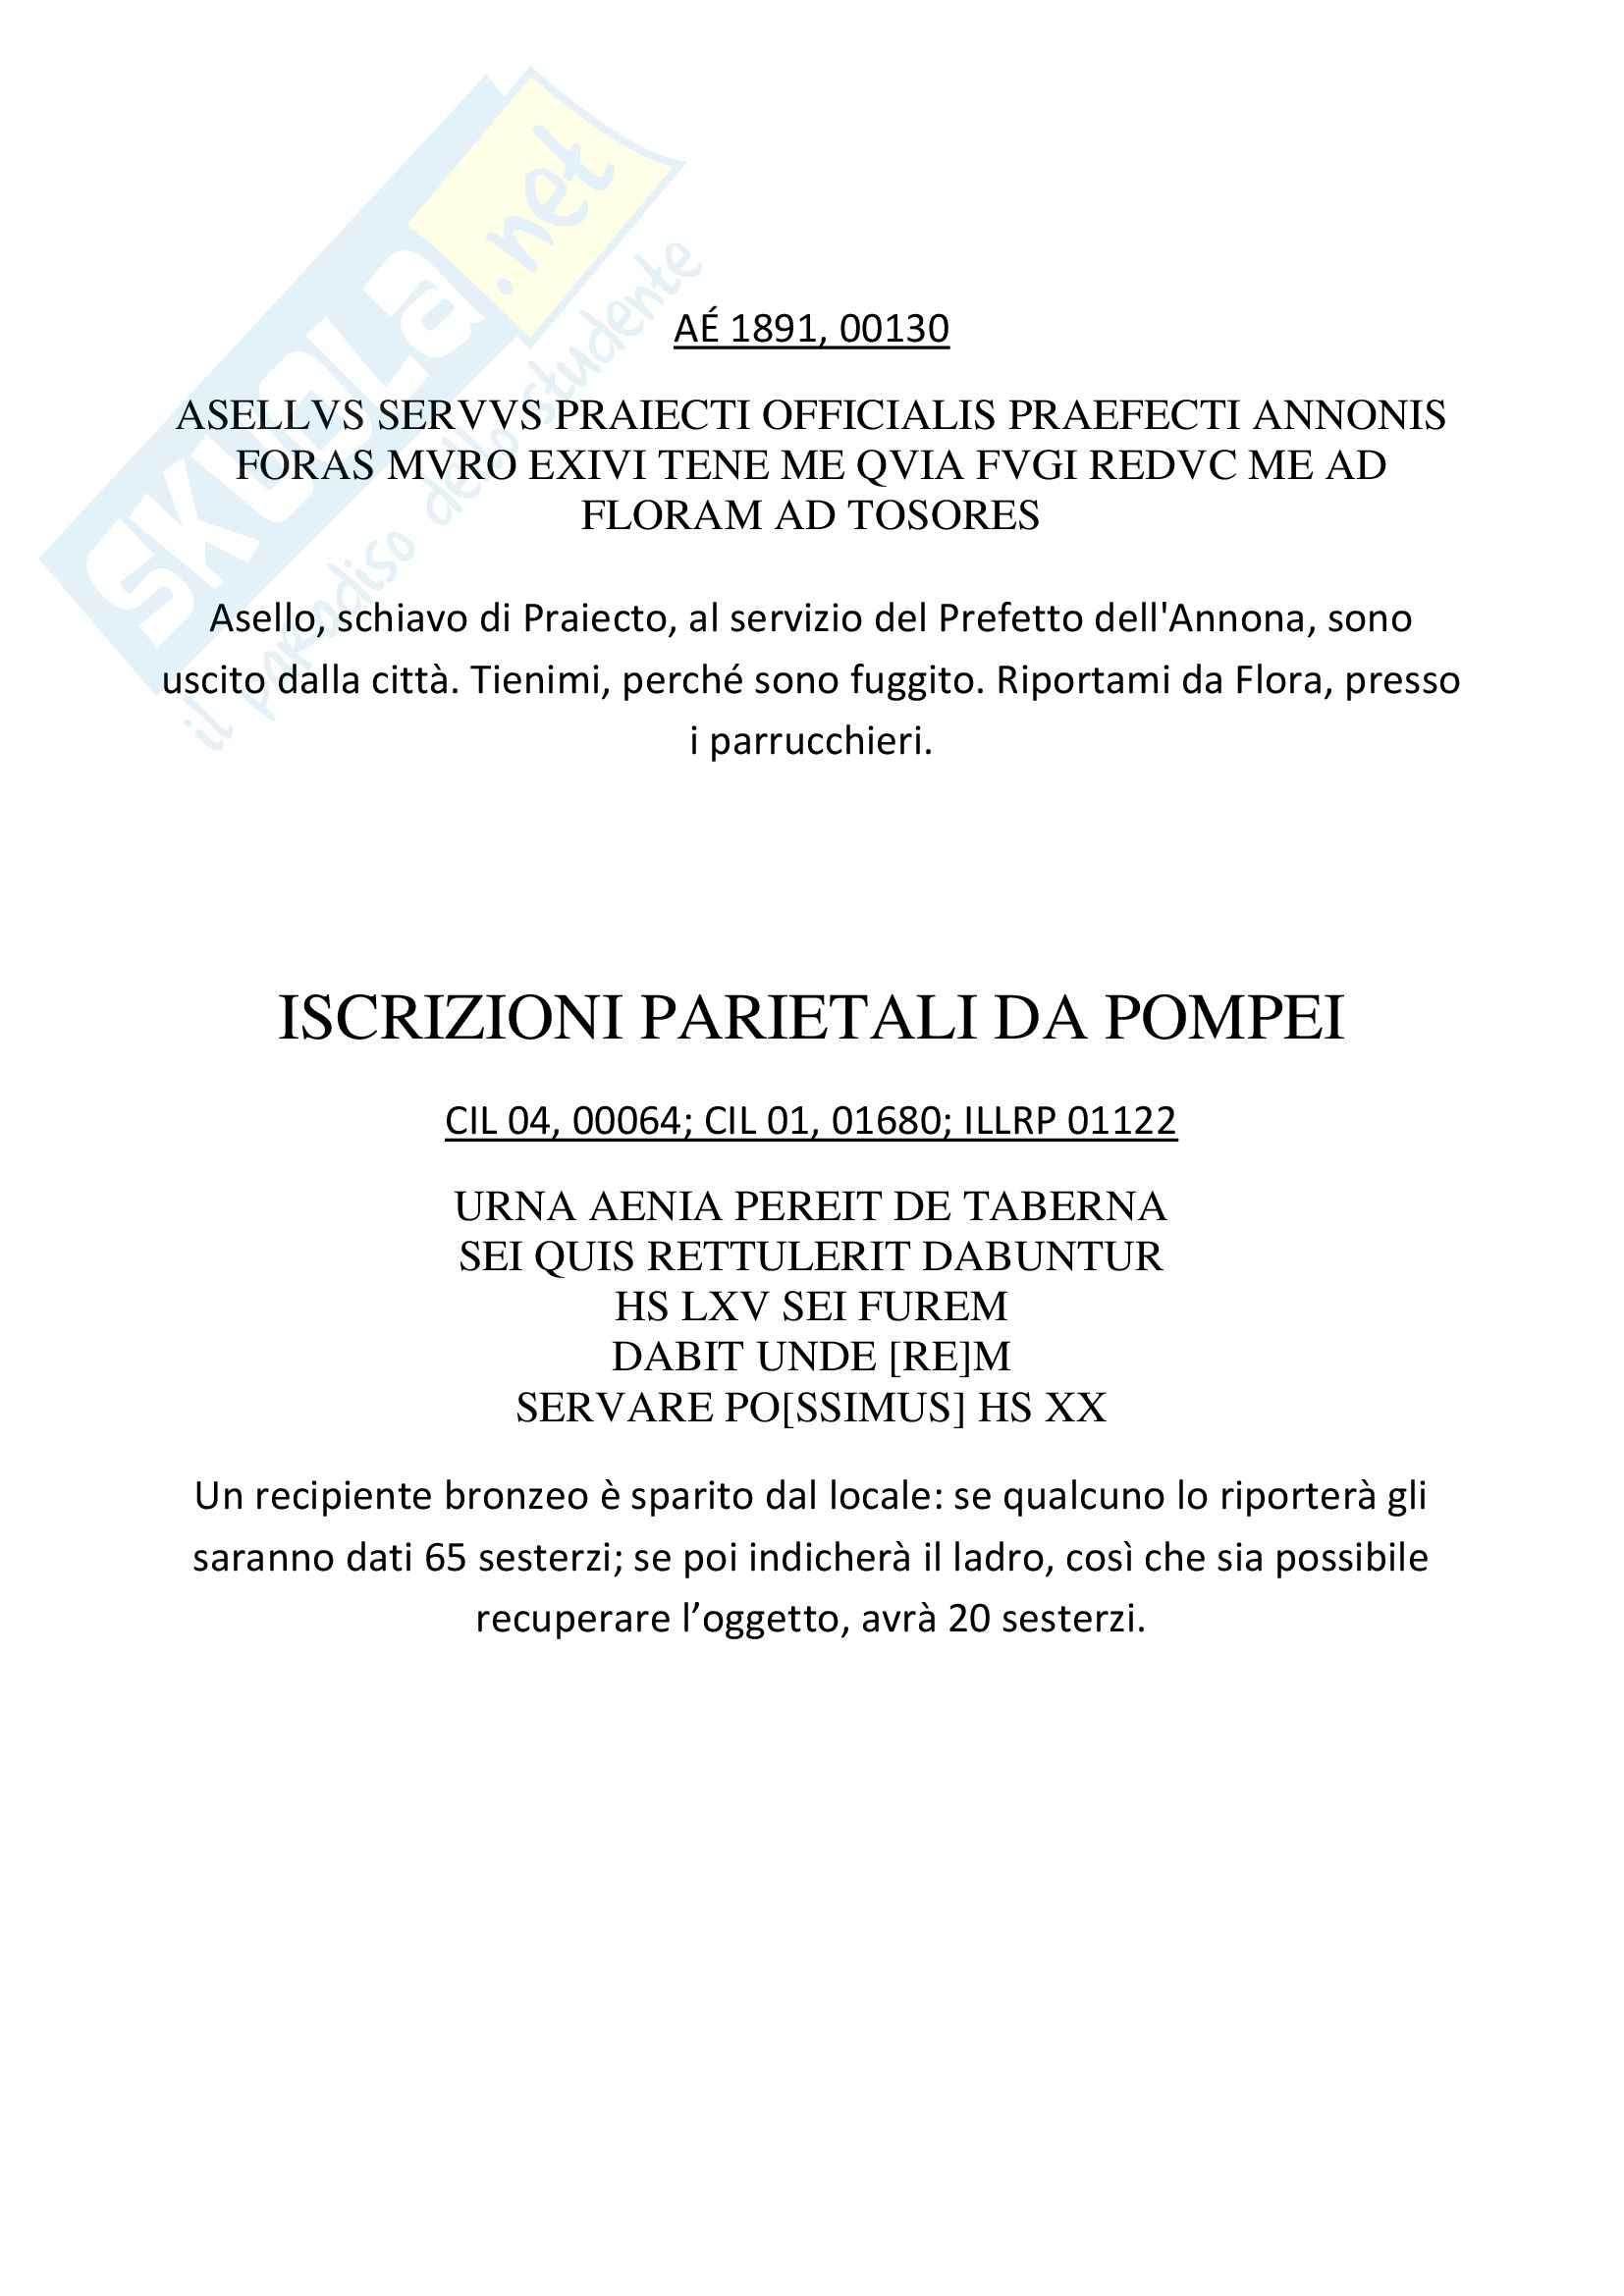 Storia romana - Epigrafi latine Pag. 16